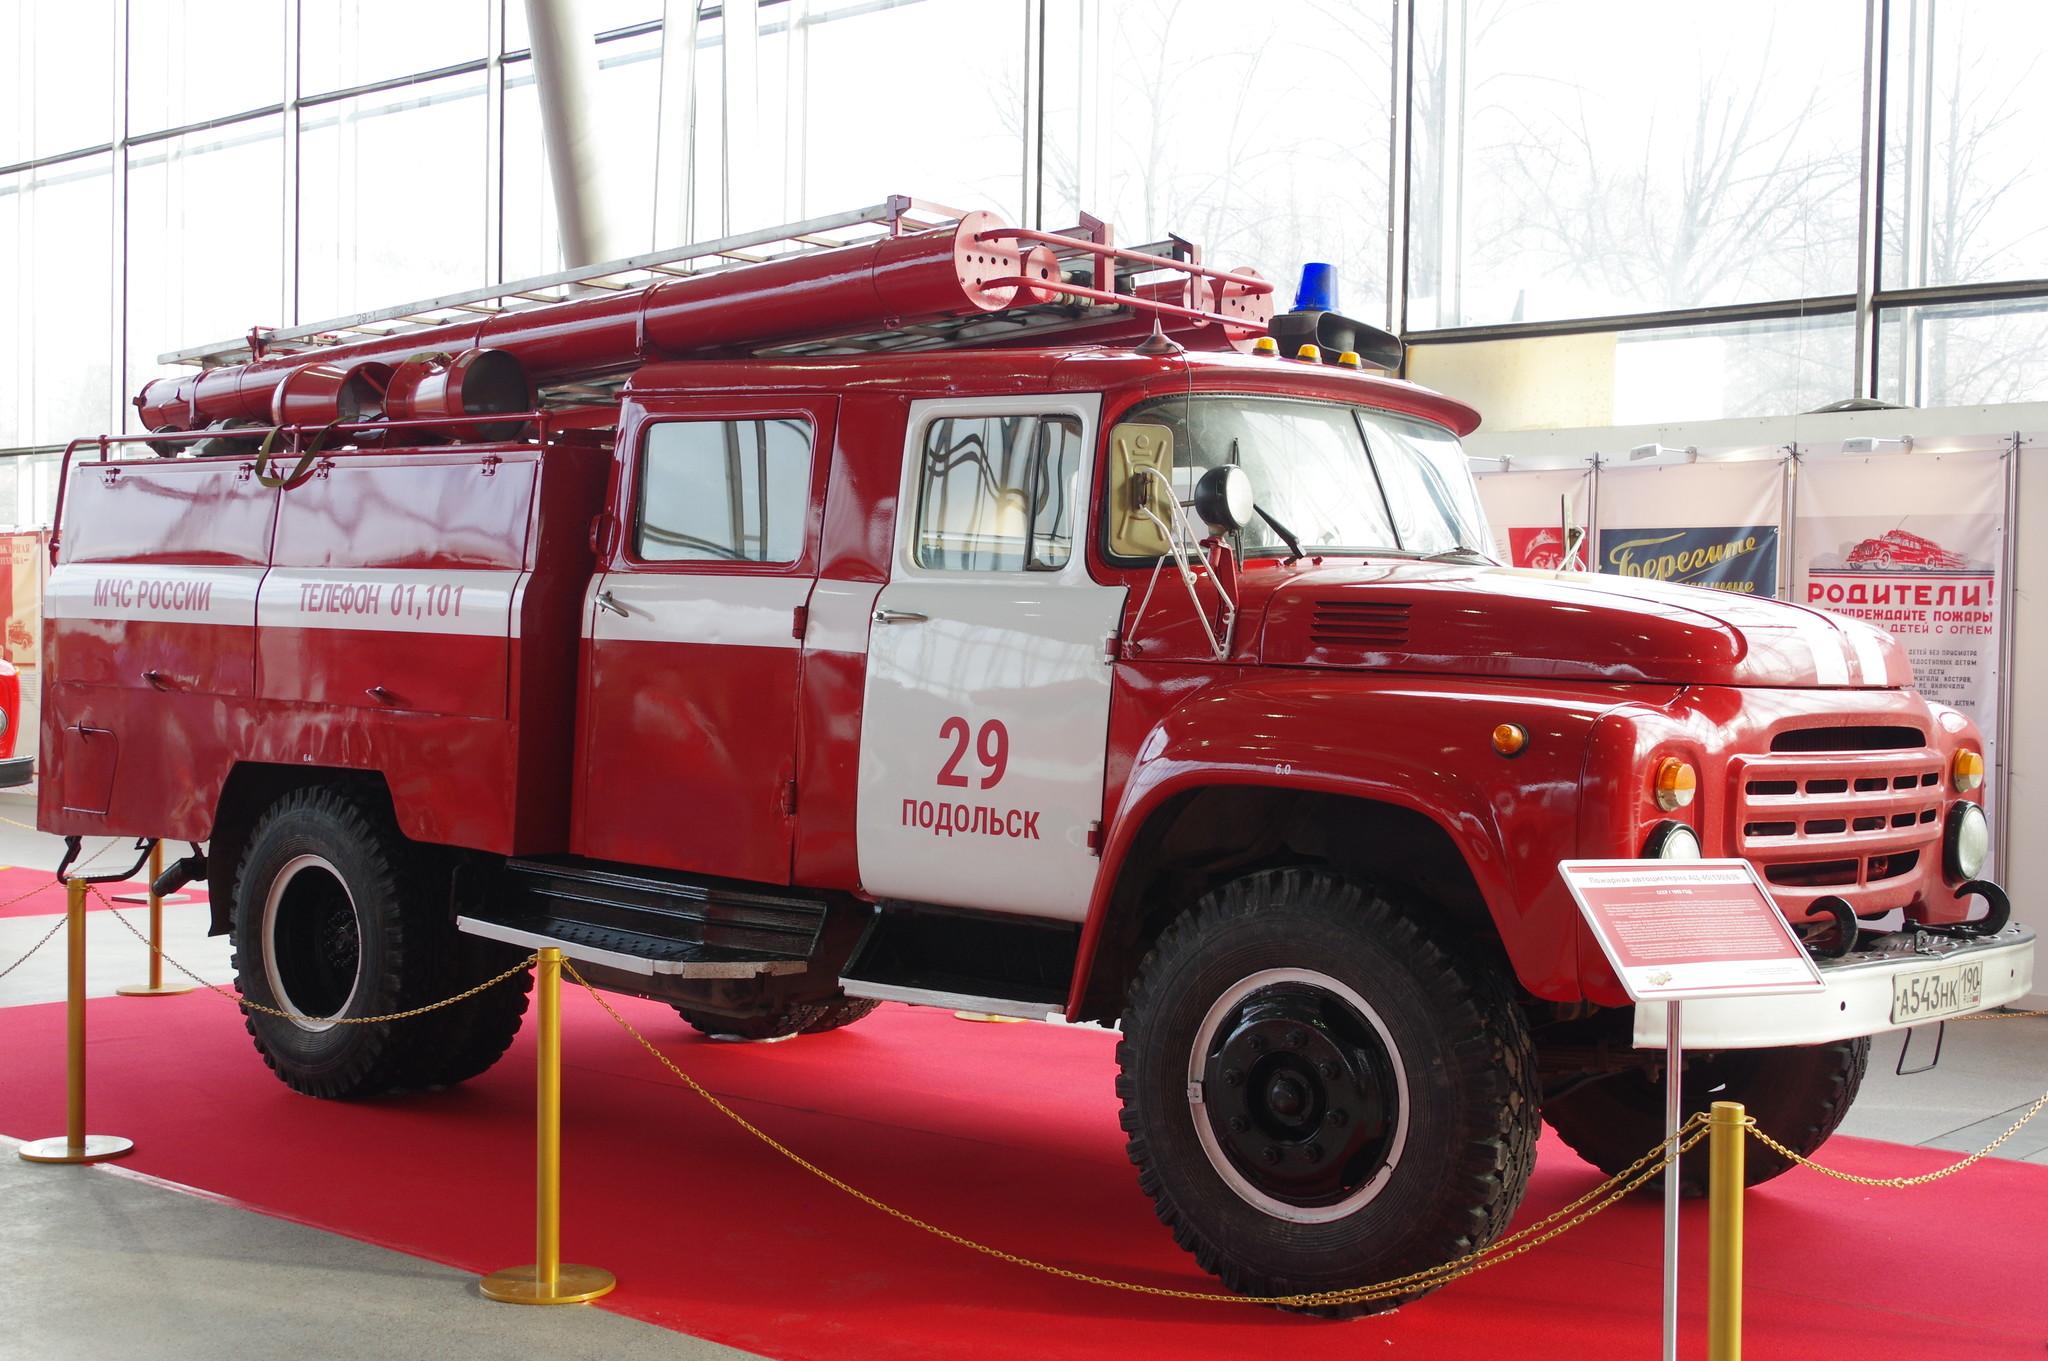 Пожарная автоцистерна АЦ-40(130) модель 63Б на шасси ЗИЛ-130